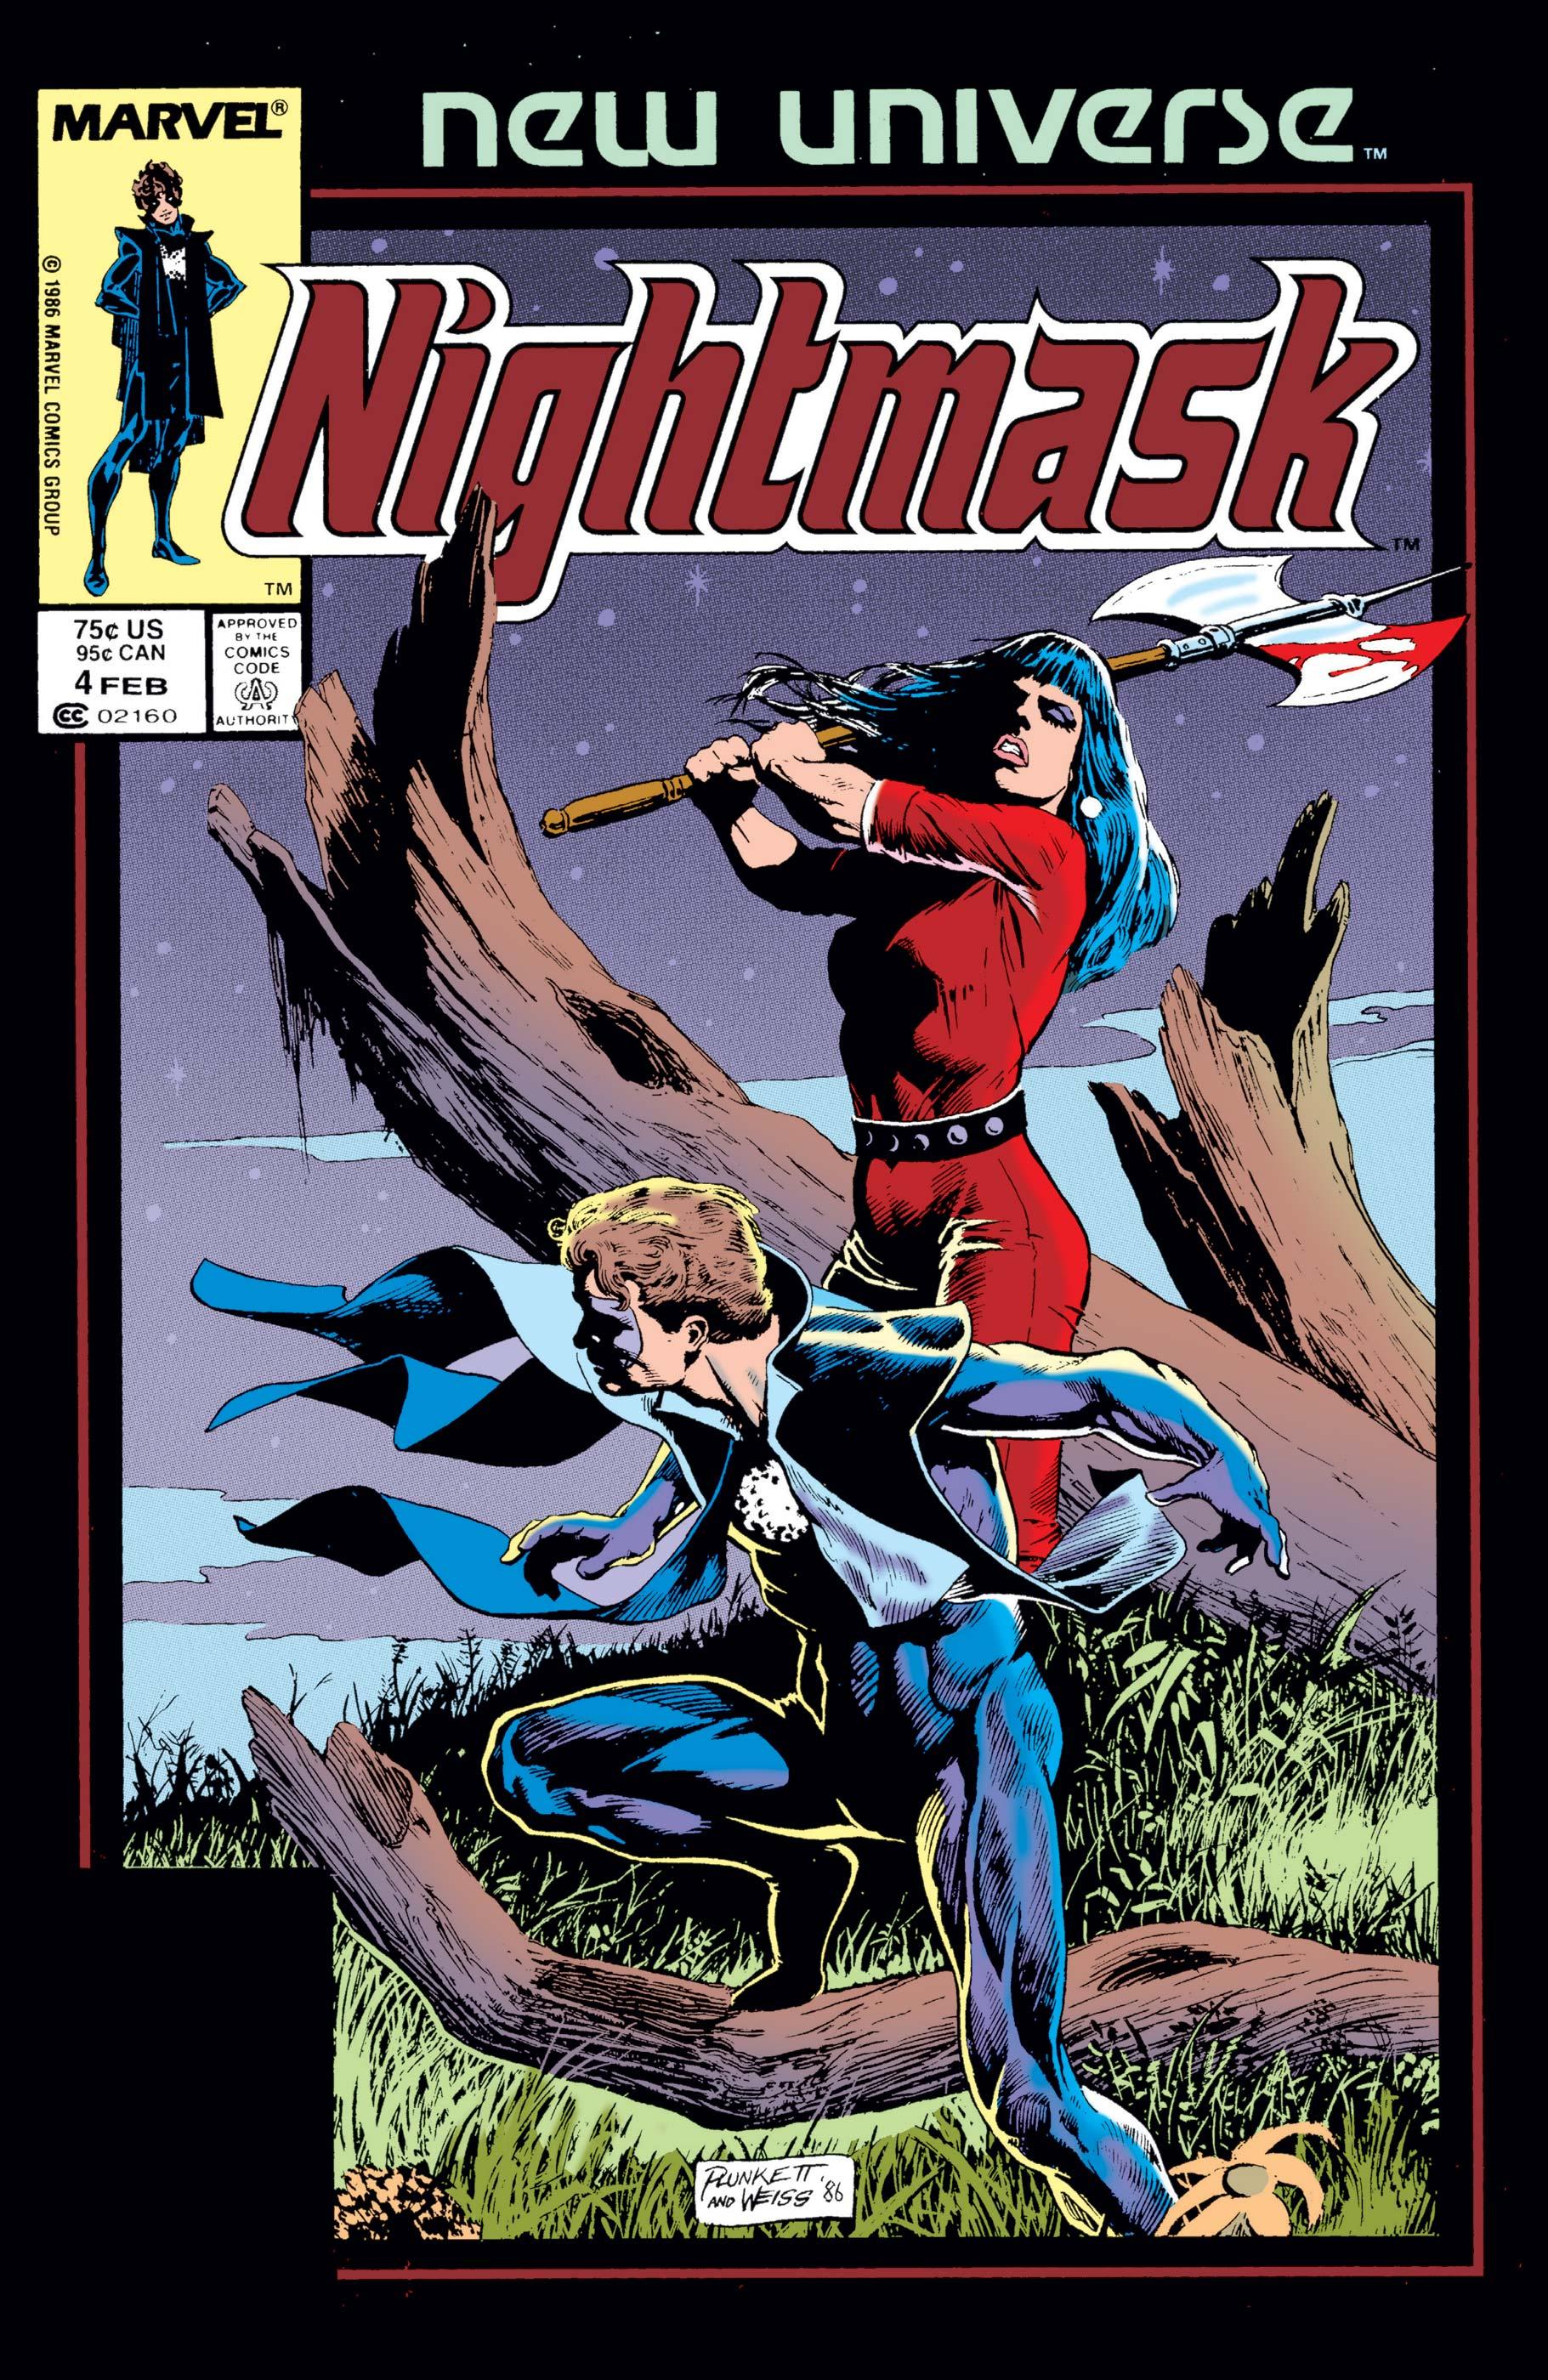 Nightmask (1986) #4